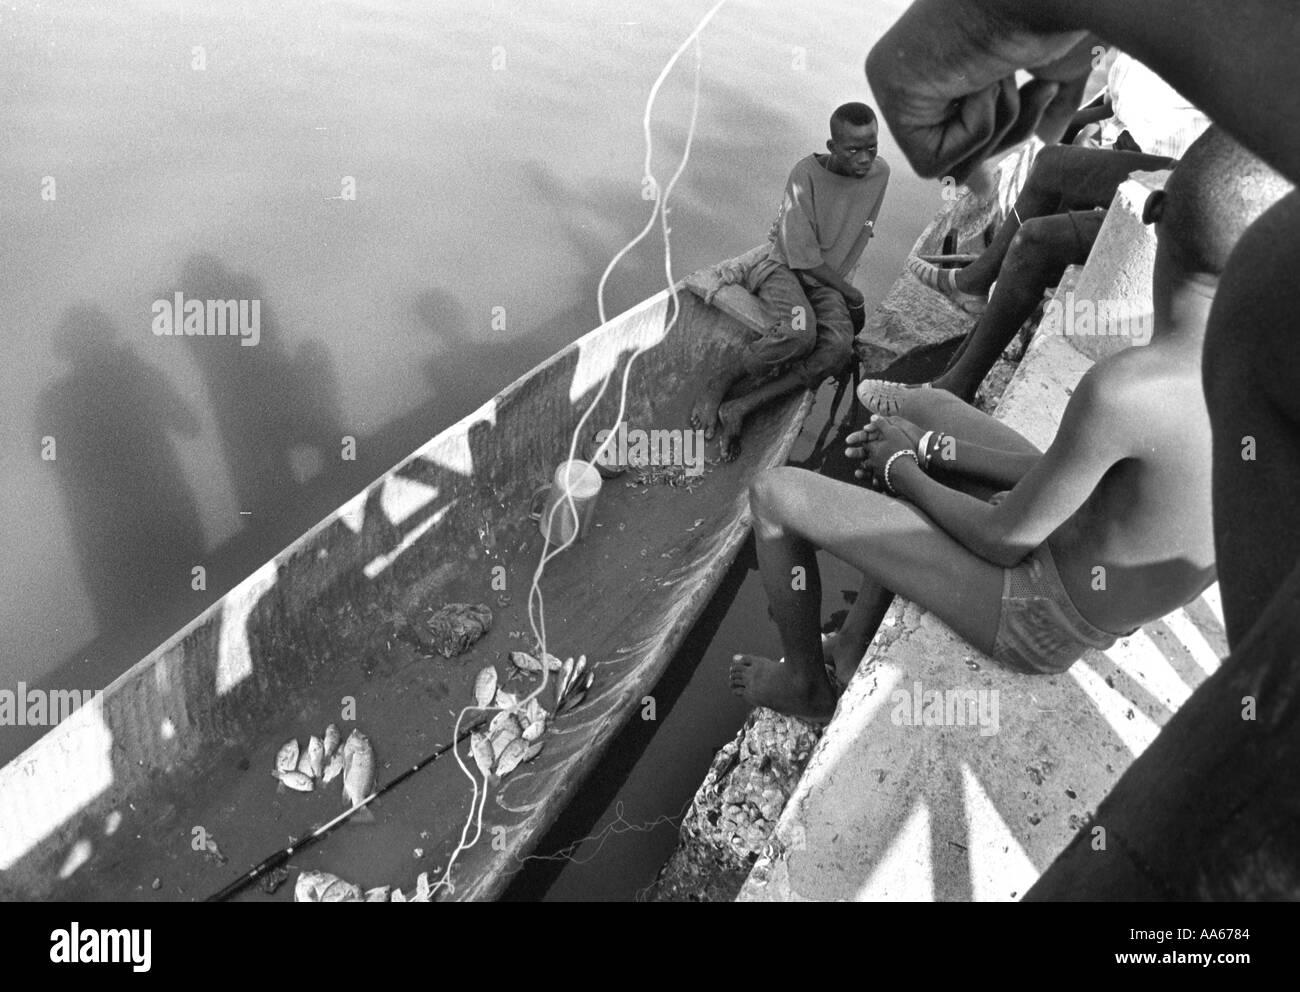 I pescatori senegalesi portare nei giorni del raccolto in una perigue nella Casamance regione del Senegal Africa occidentale ha subito gravi Immagini Stock